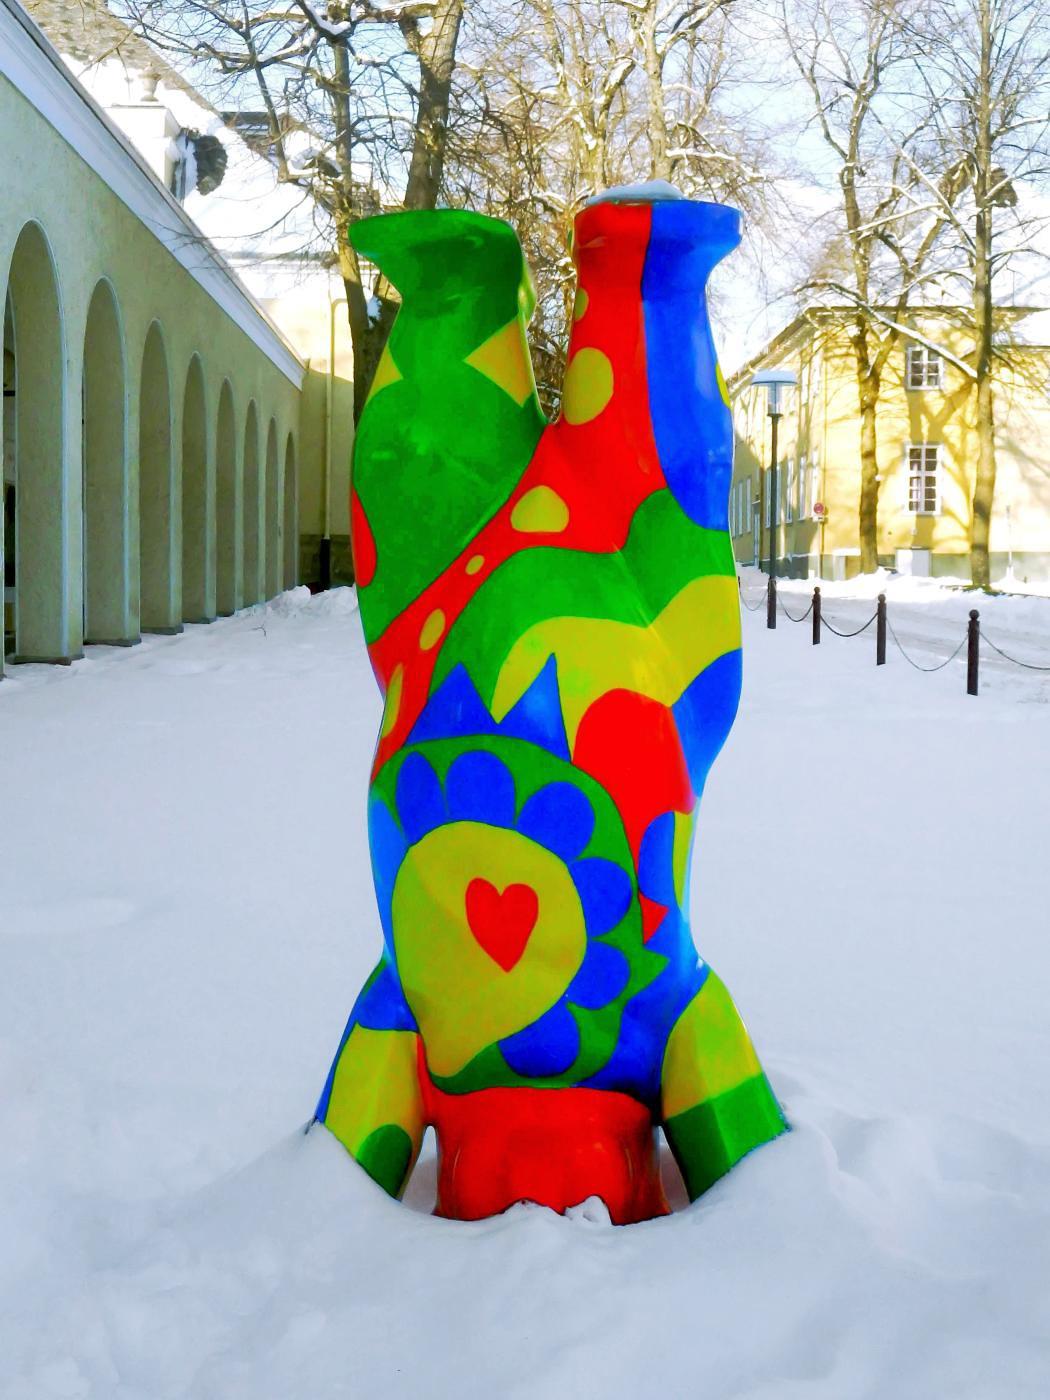 Kopfstand im Schnee